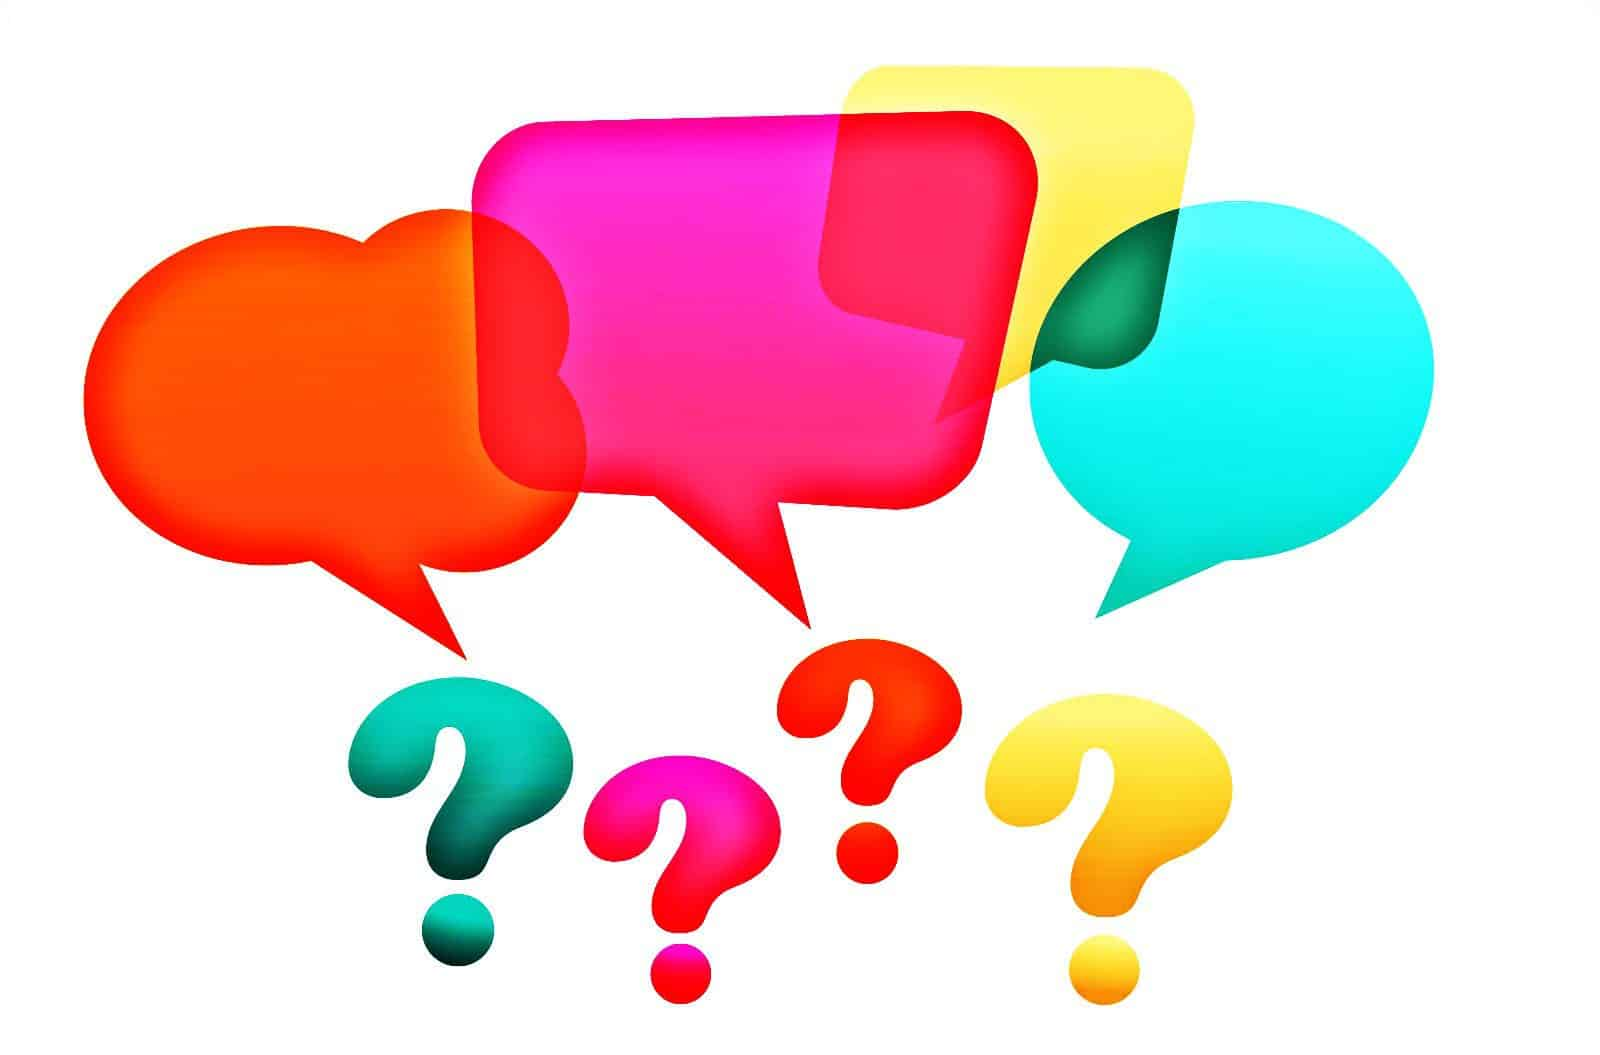 تعریف علم خداشناسی (الهیات) چیست؟